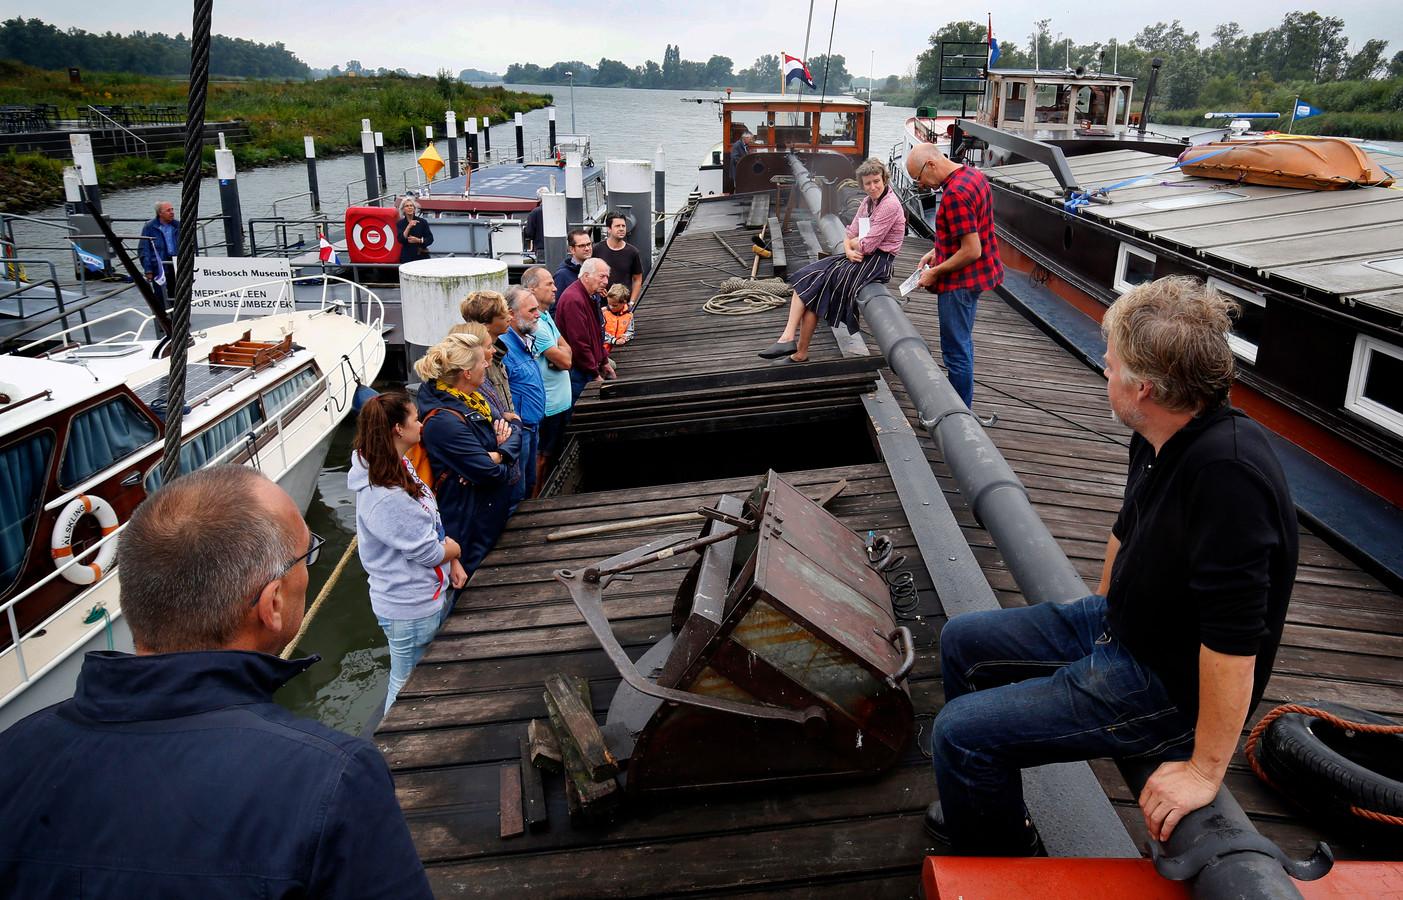 Bezoekers aan boord luisteren naar de verhalen van de schipper. Zelf komen ze ook met hun ervaringen .